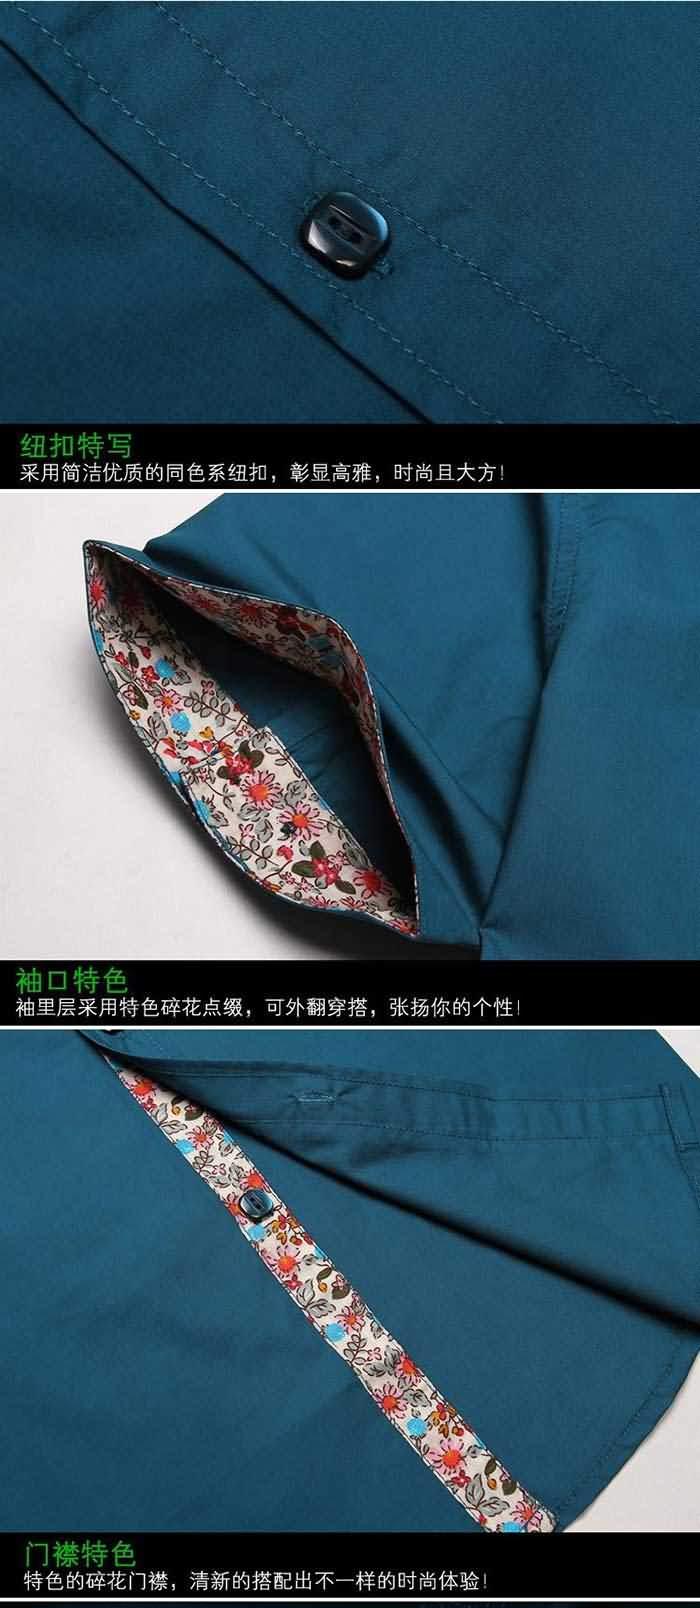 男士时尚休闲修身纯棉半袖衬衫细节图片2